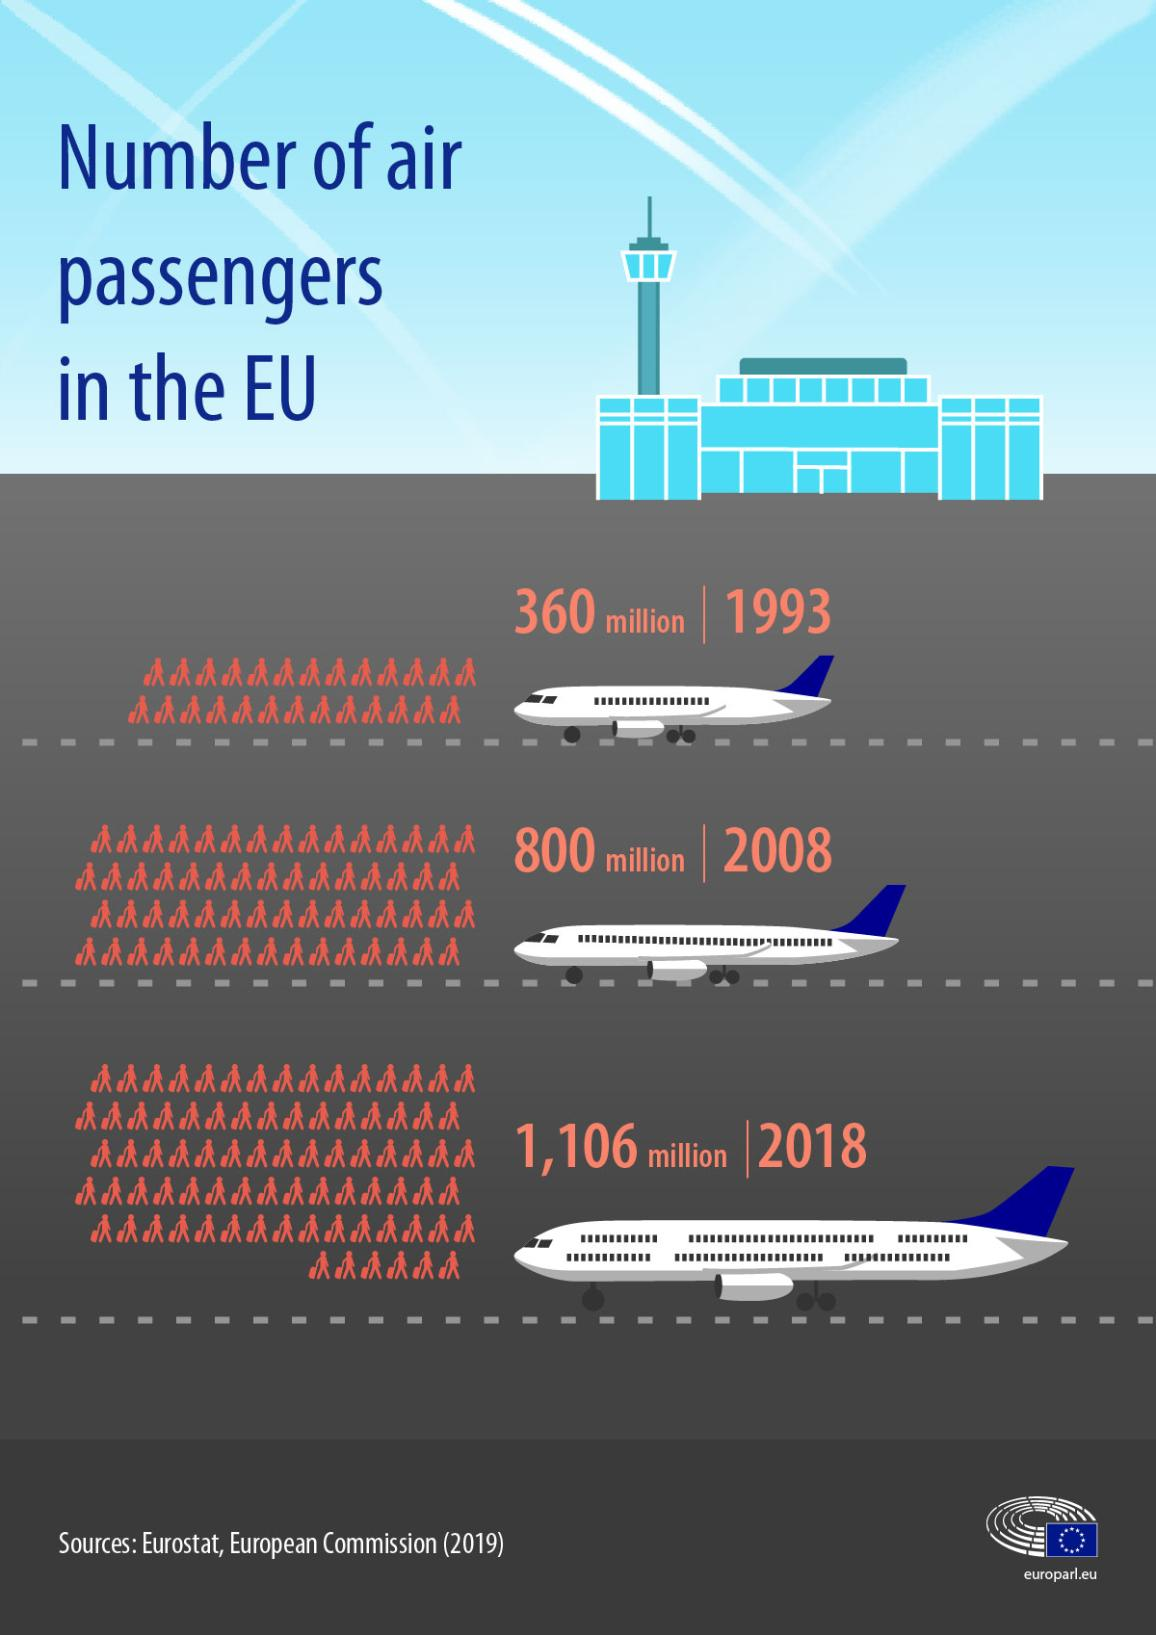 ინფოგრაფიკა ევროკავშირში საჰაერო მგზავრების რაოდენობის ევოლუციის შესახებ